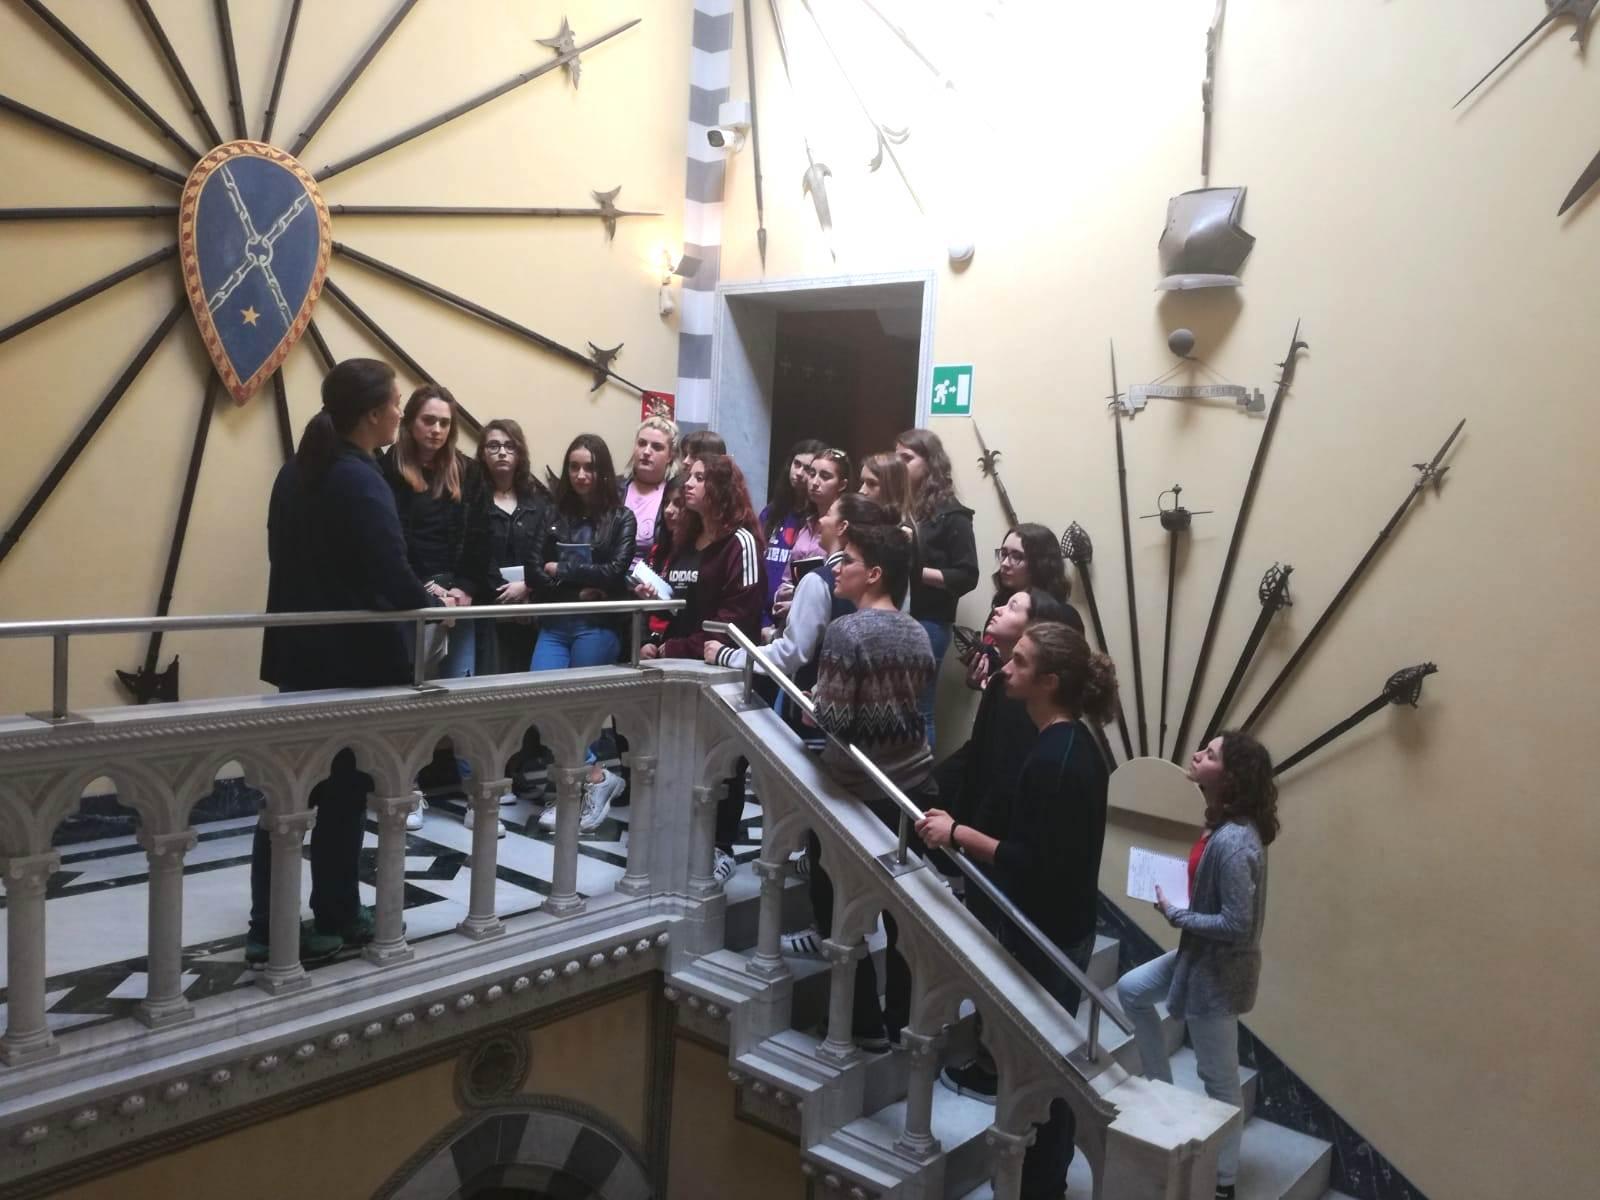 Al Castello D'Albertis-Museo delle Culture del Mondo